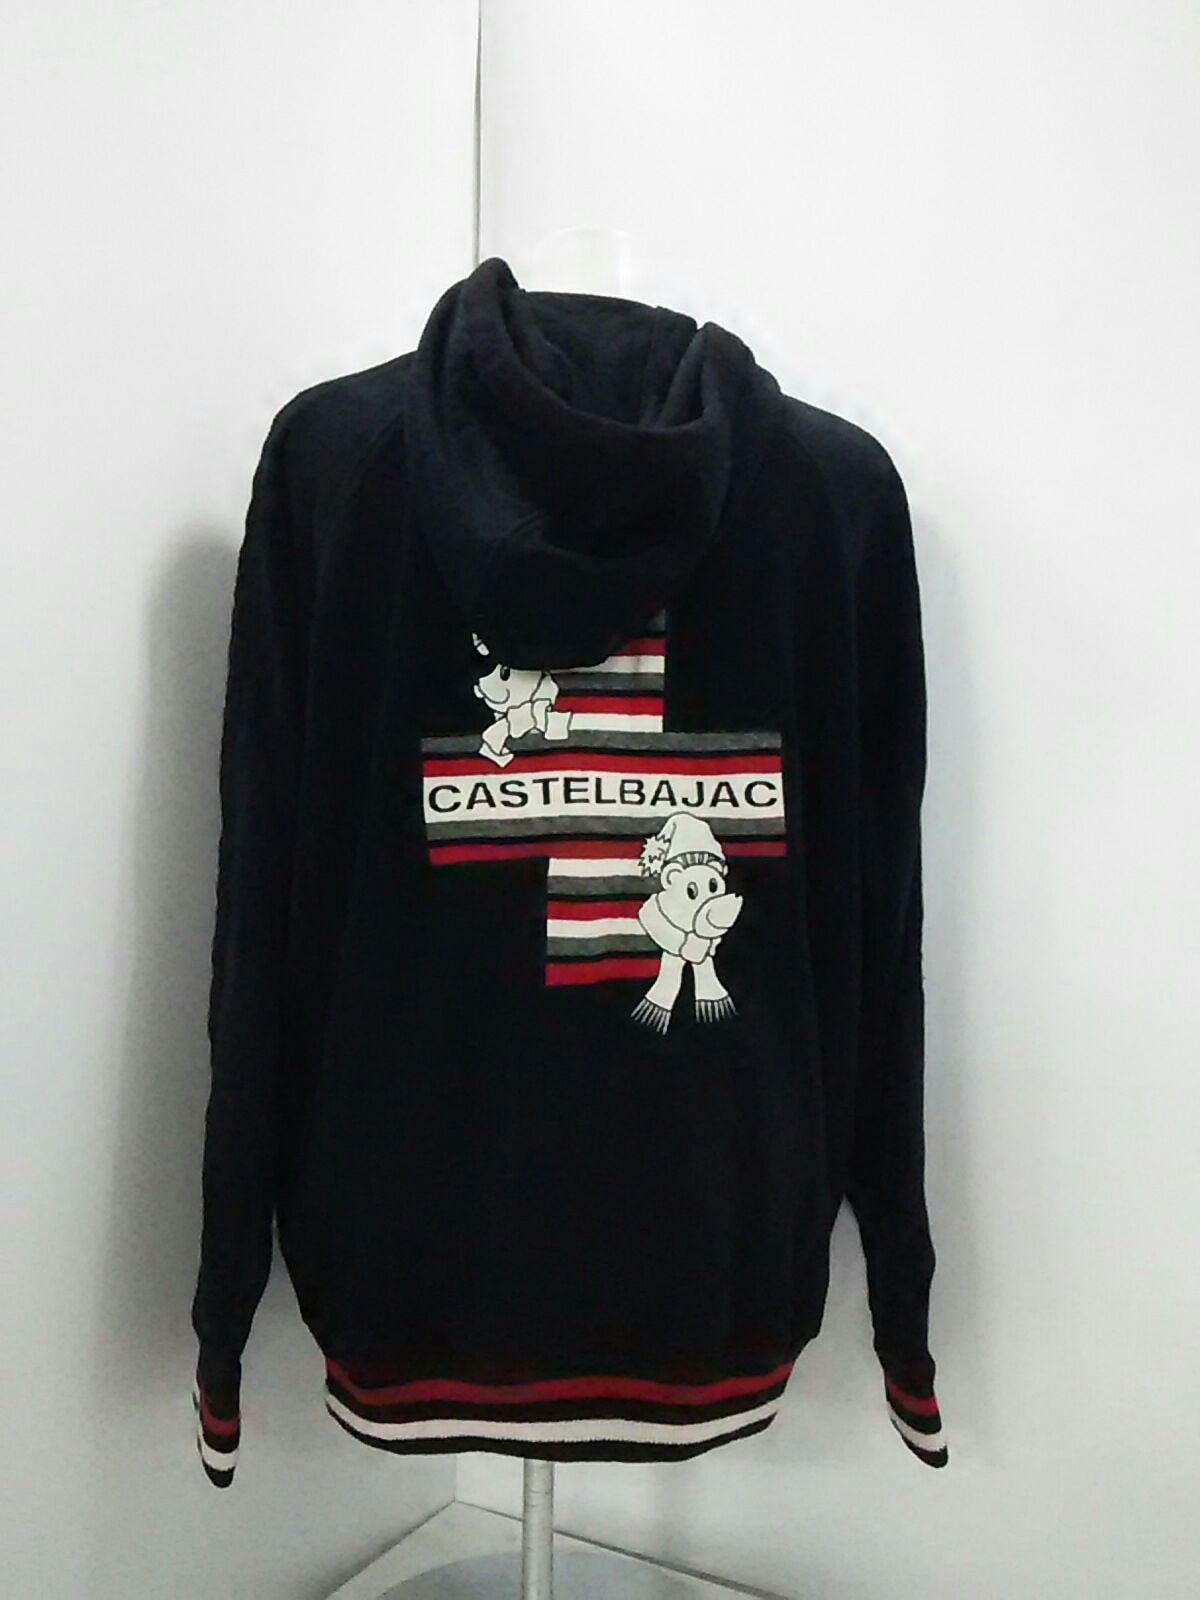 CastelbajacSport(カステルバジャックスポーツ)のパーカー